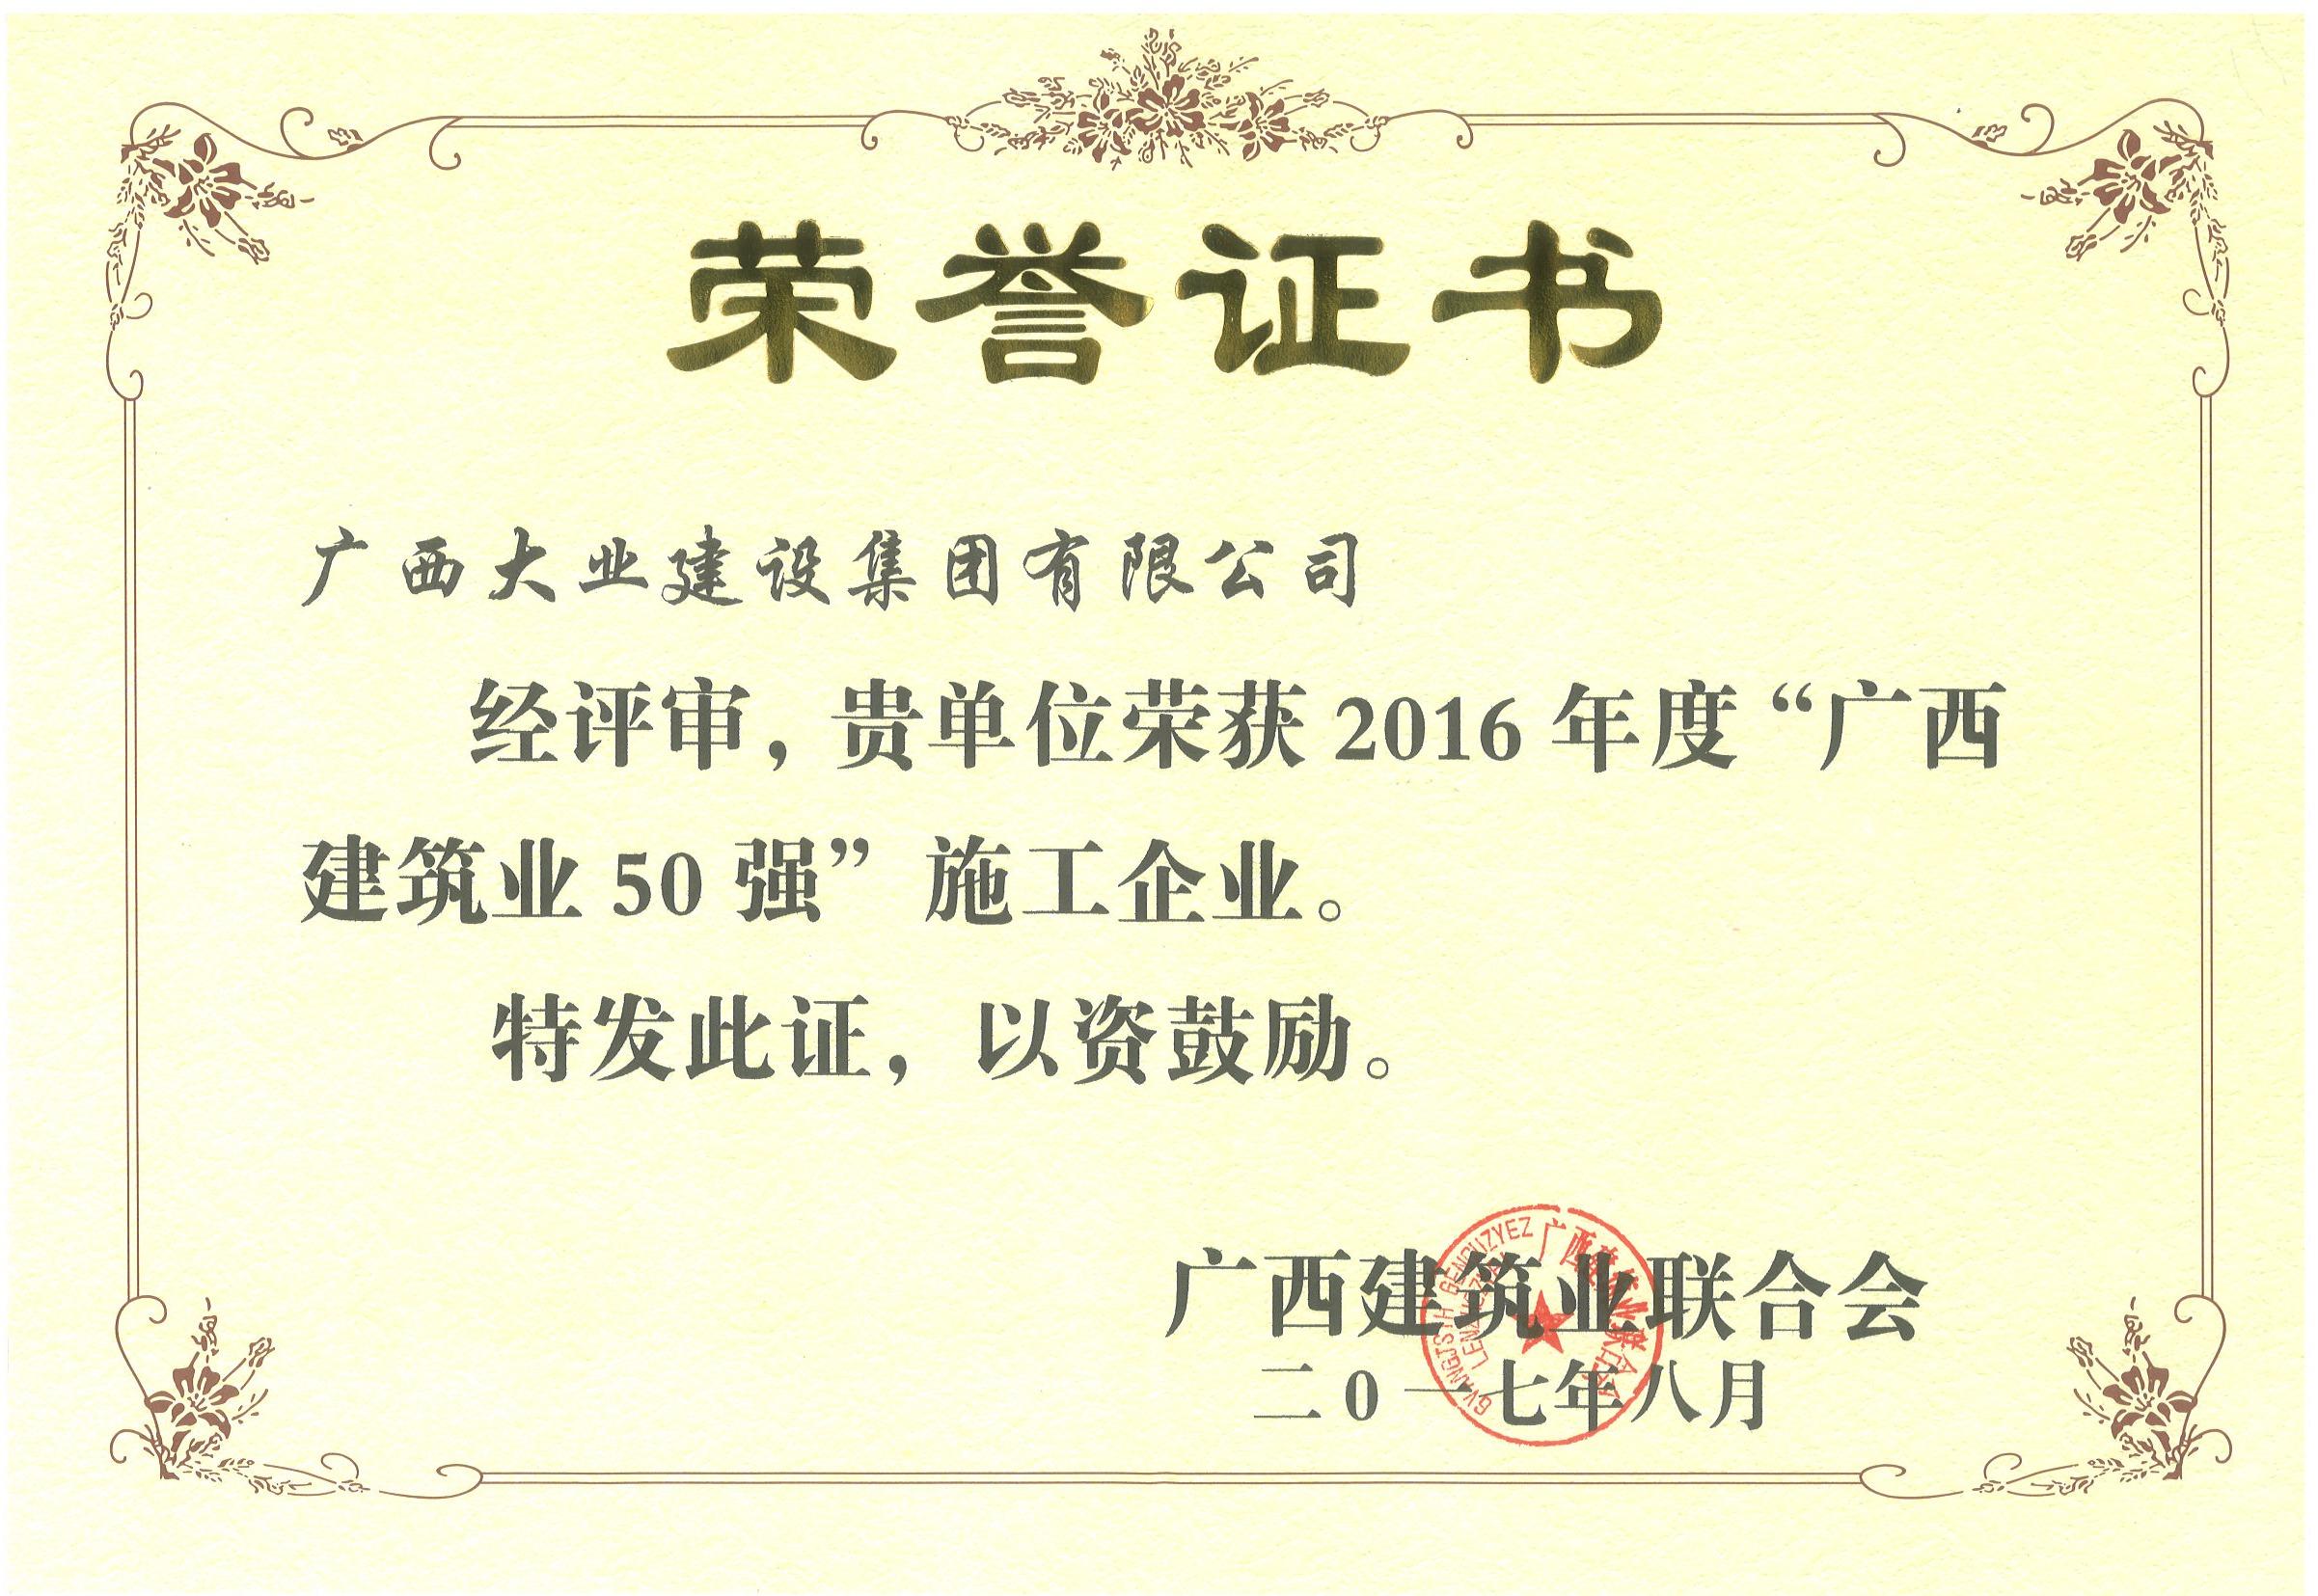 2016年度广西建筑业50强